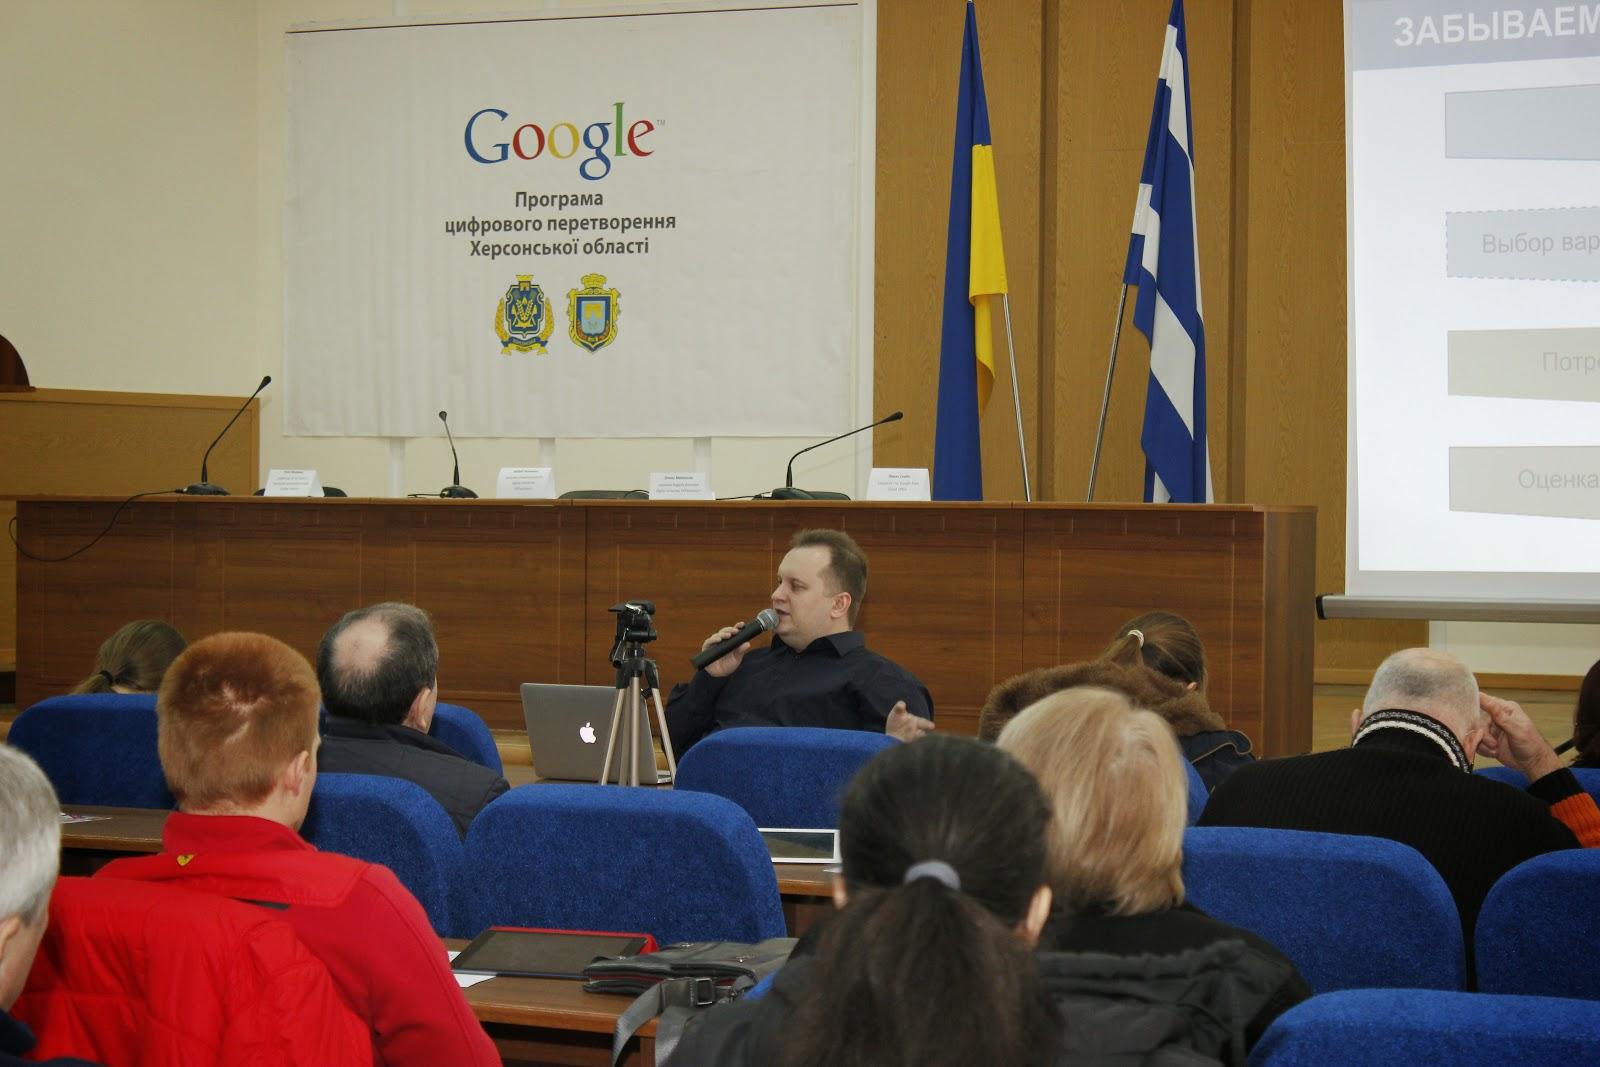 Google семинар для бизнеса в Херсоне